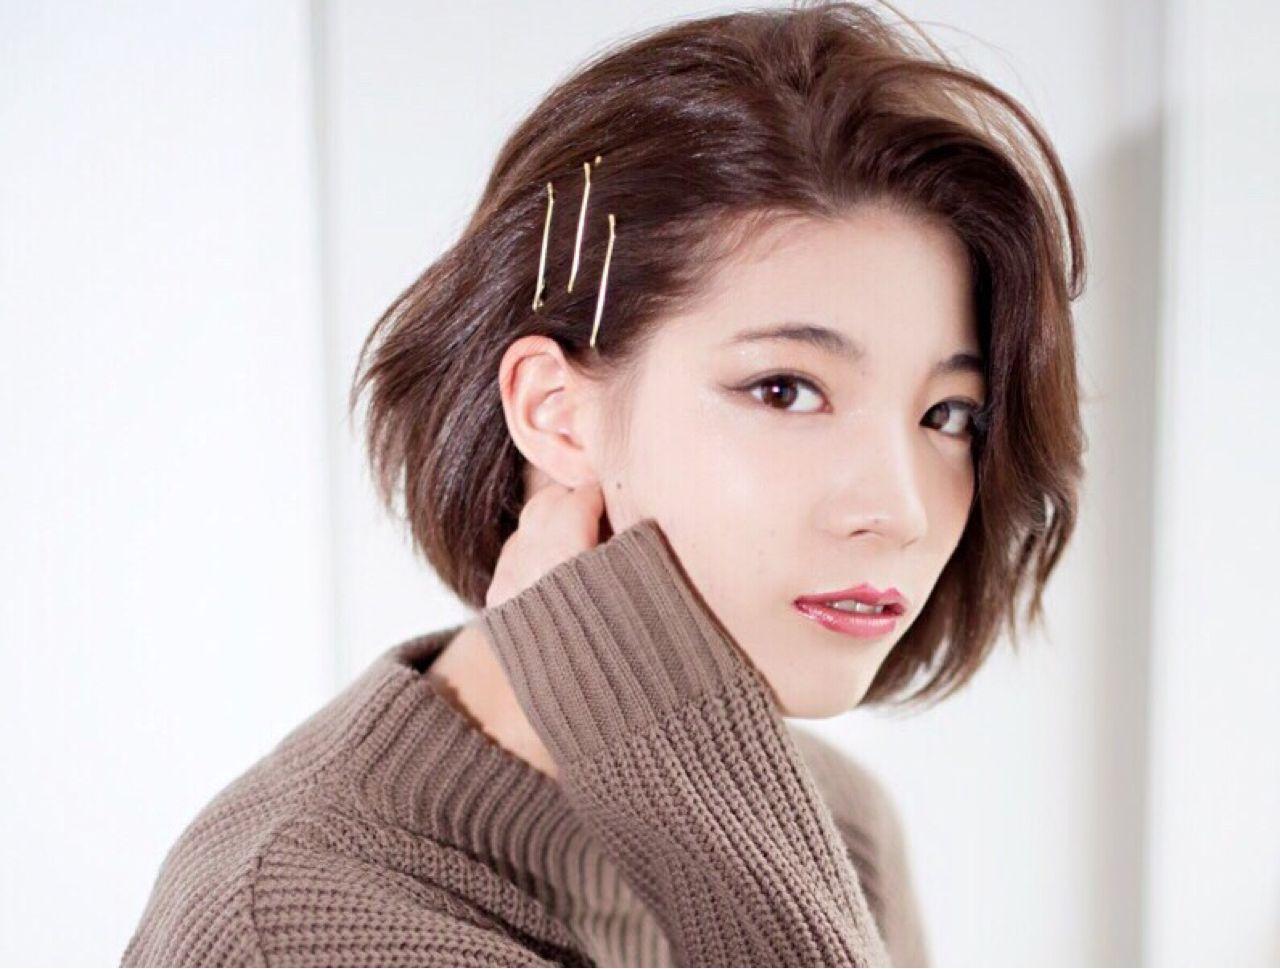 ショート ショートボブ かっこいい 耳かけ ヘアスタイルや髪型の写真・画像 | 岸田 真純 /